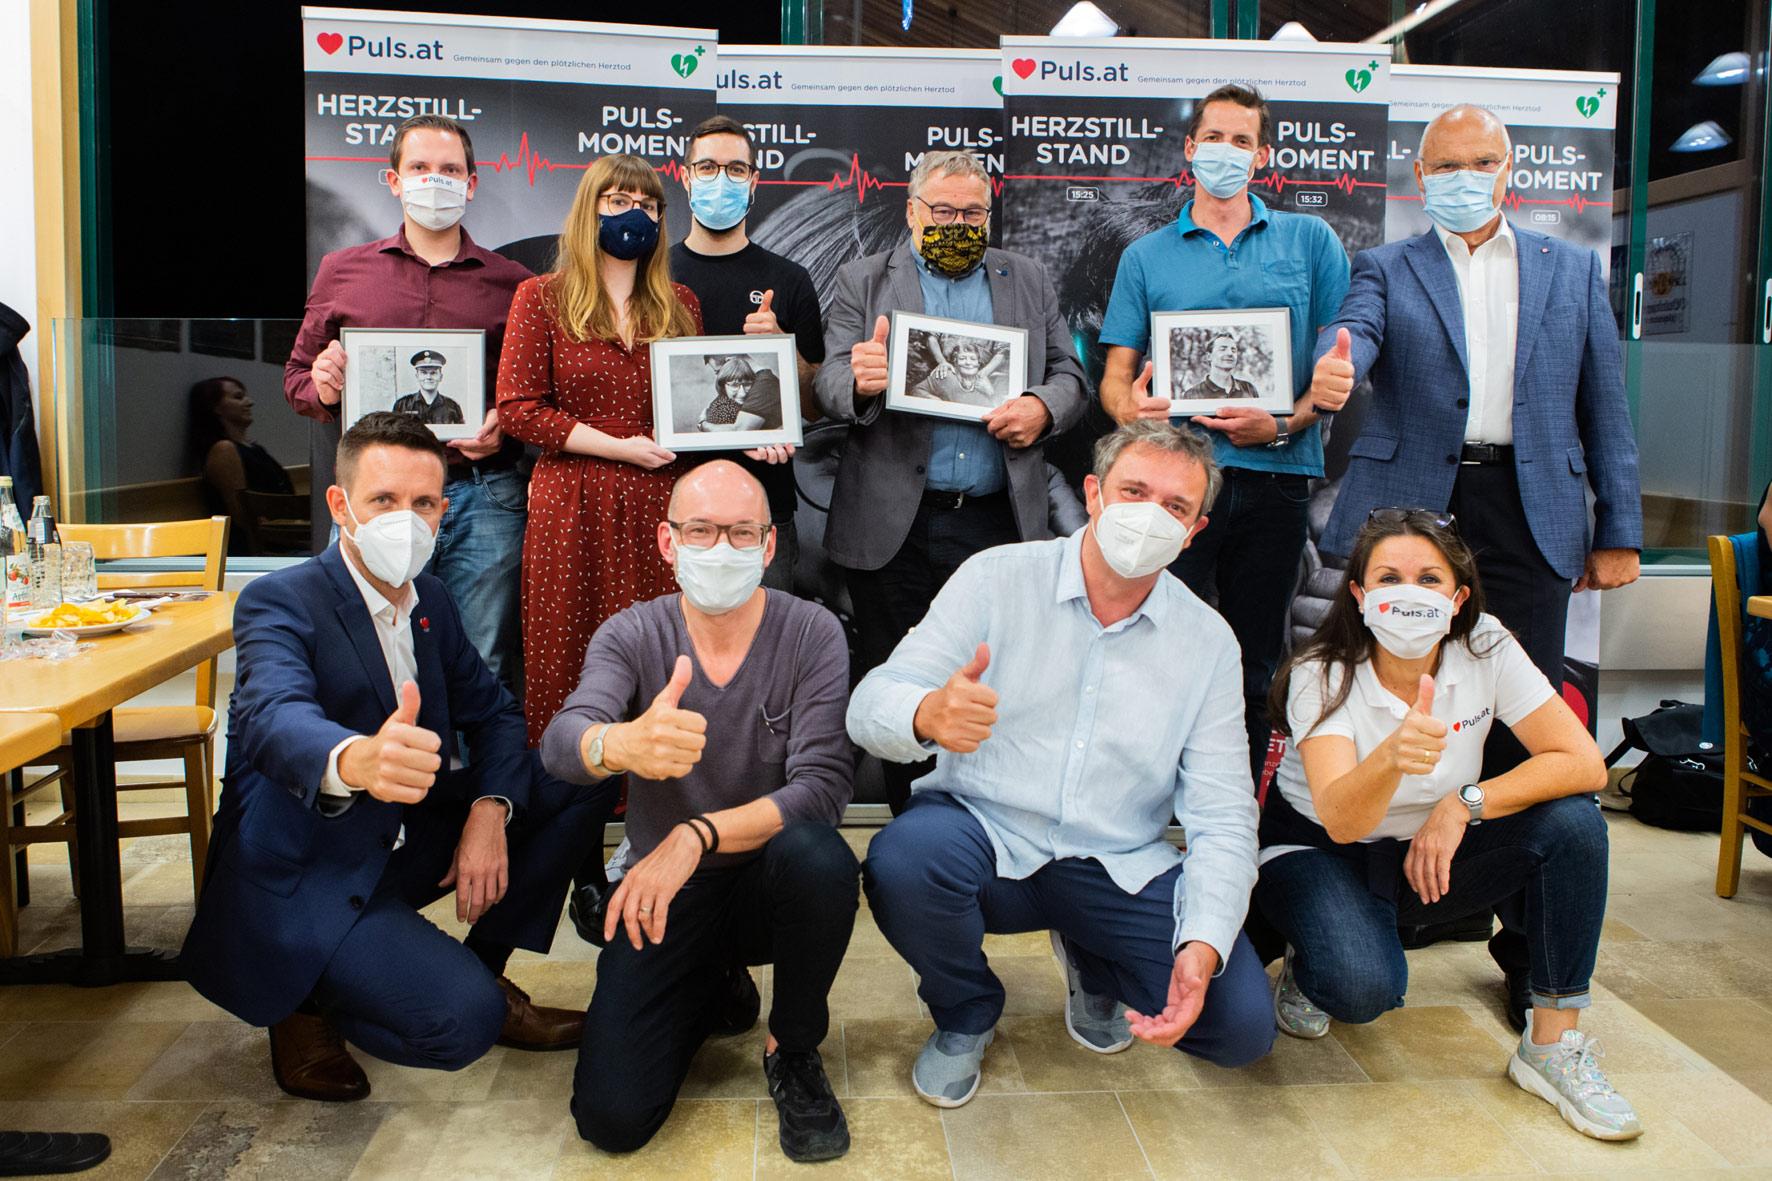 """Lumsden & Friends und der Verein Puls launchen die Kampagne """"Der Puls-Moment"""""""